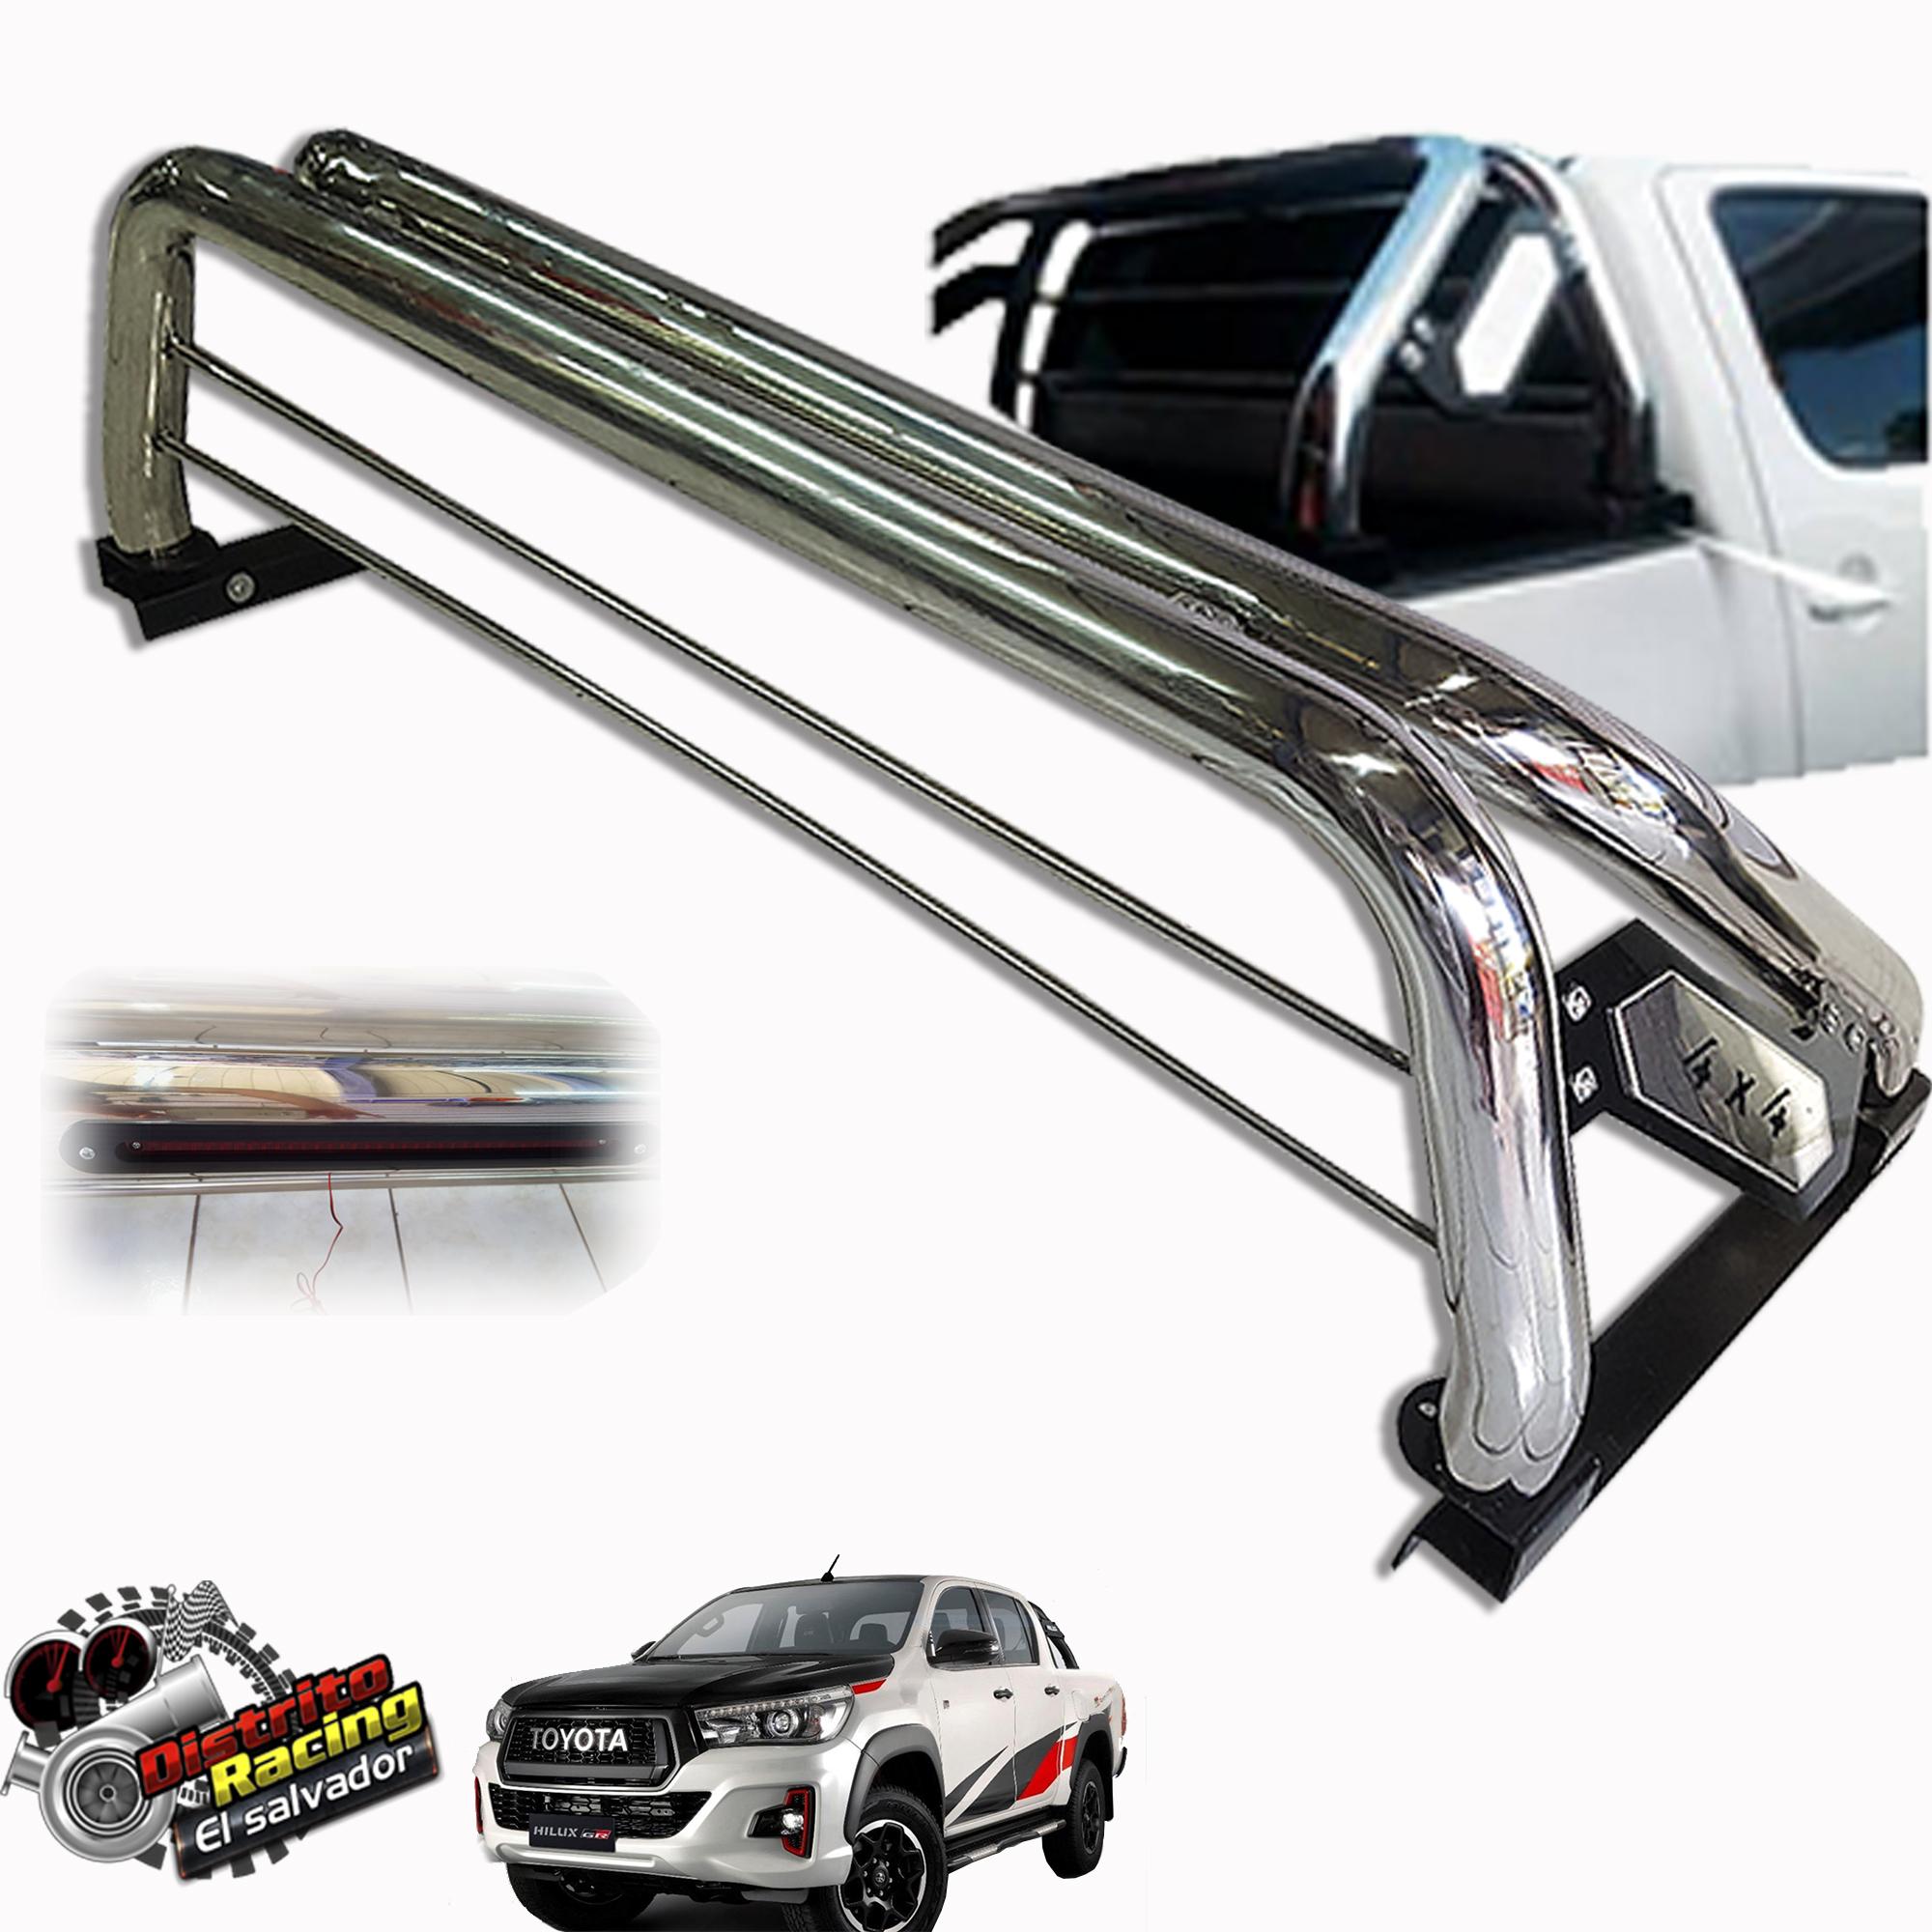 Sport Roll Bar - Barra Antivuelco con STOP - 4x4 - HILUX REVO 2016